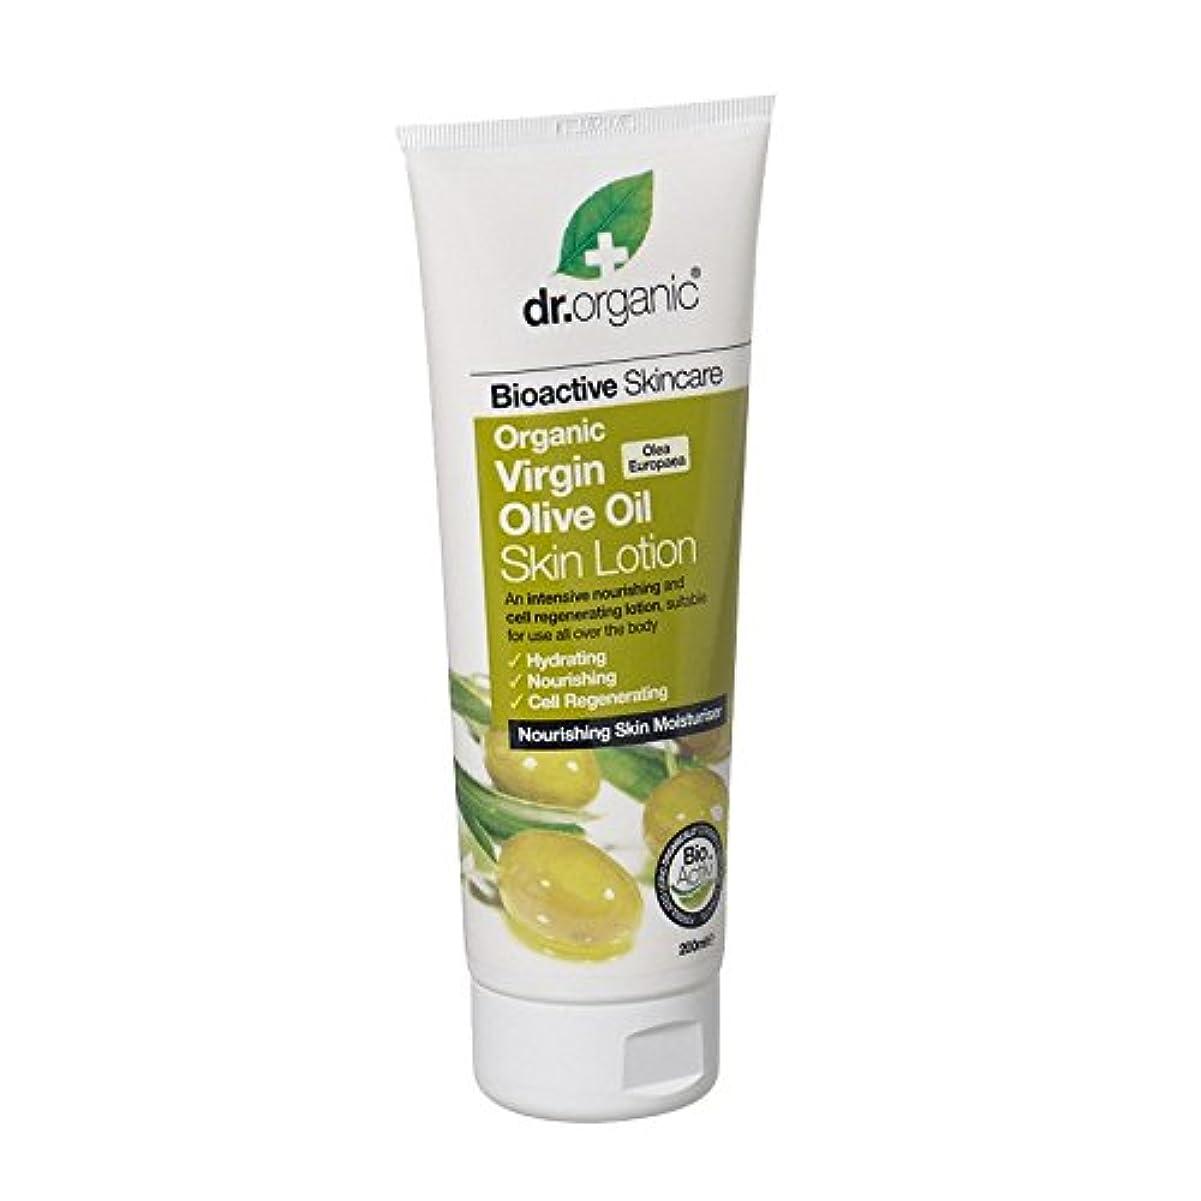 修羅場正しく居間Dr Organic Virgin Olive Skin Lotion (Pack of 2) - Dr有機バージンオリーブスキンローション (x2) [並行輸入品]